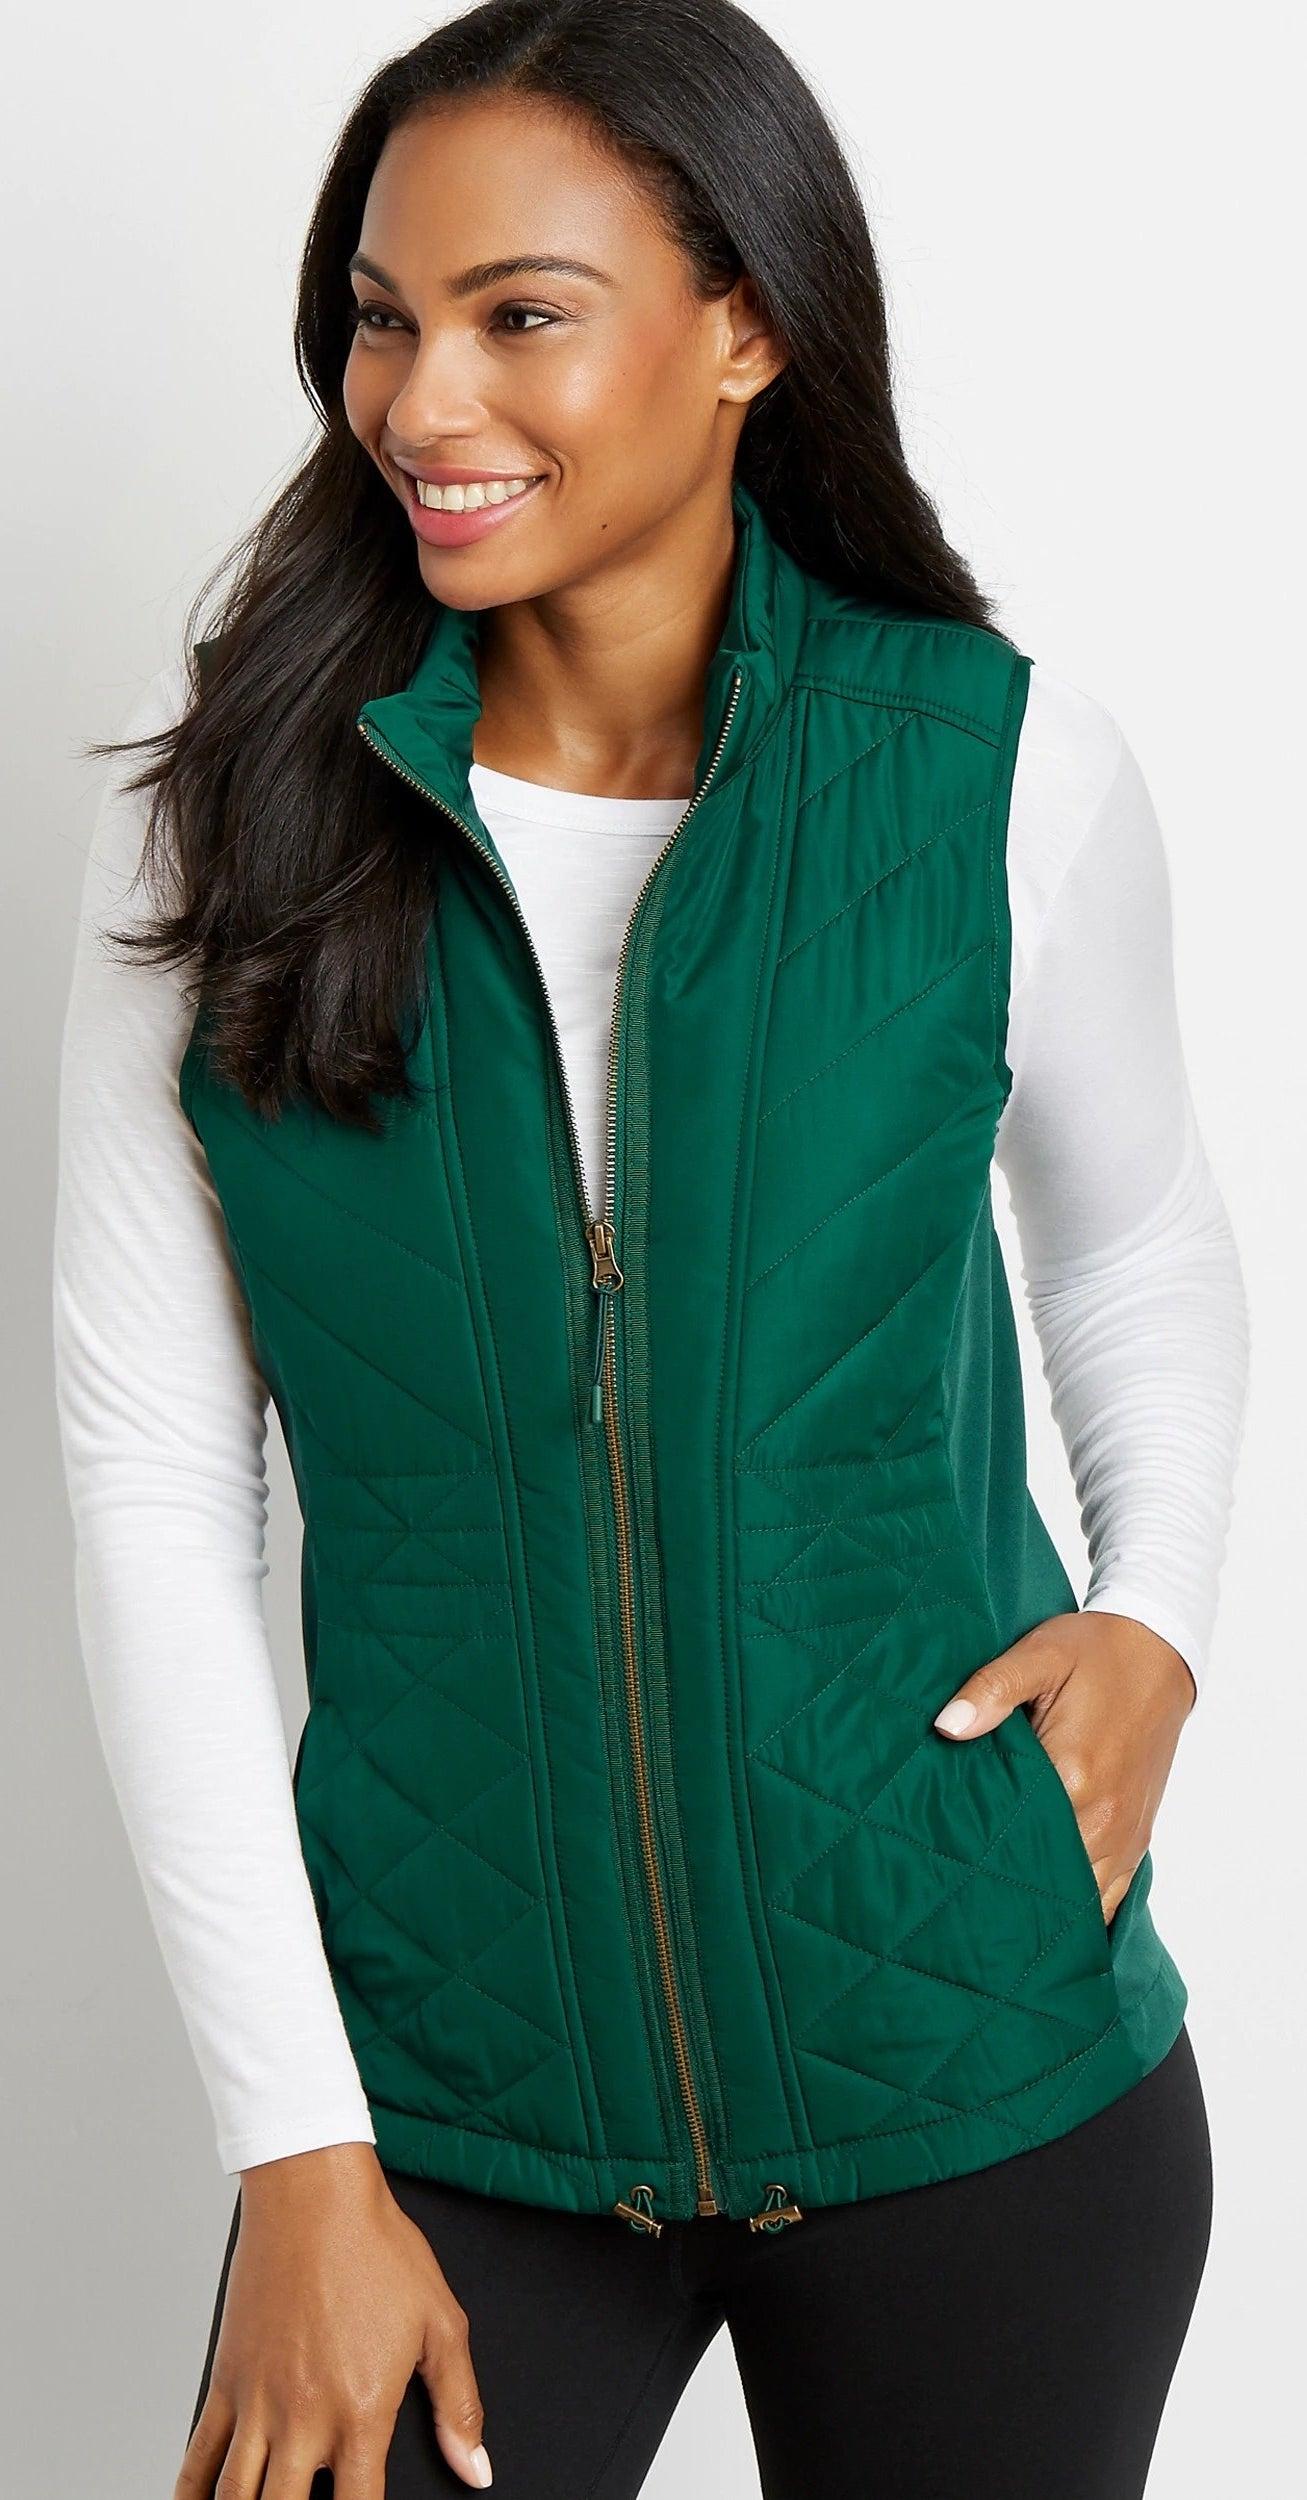 Model wearing green vest